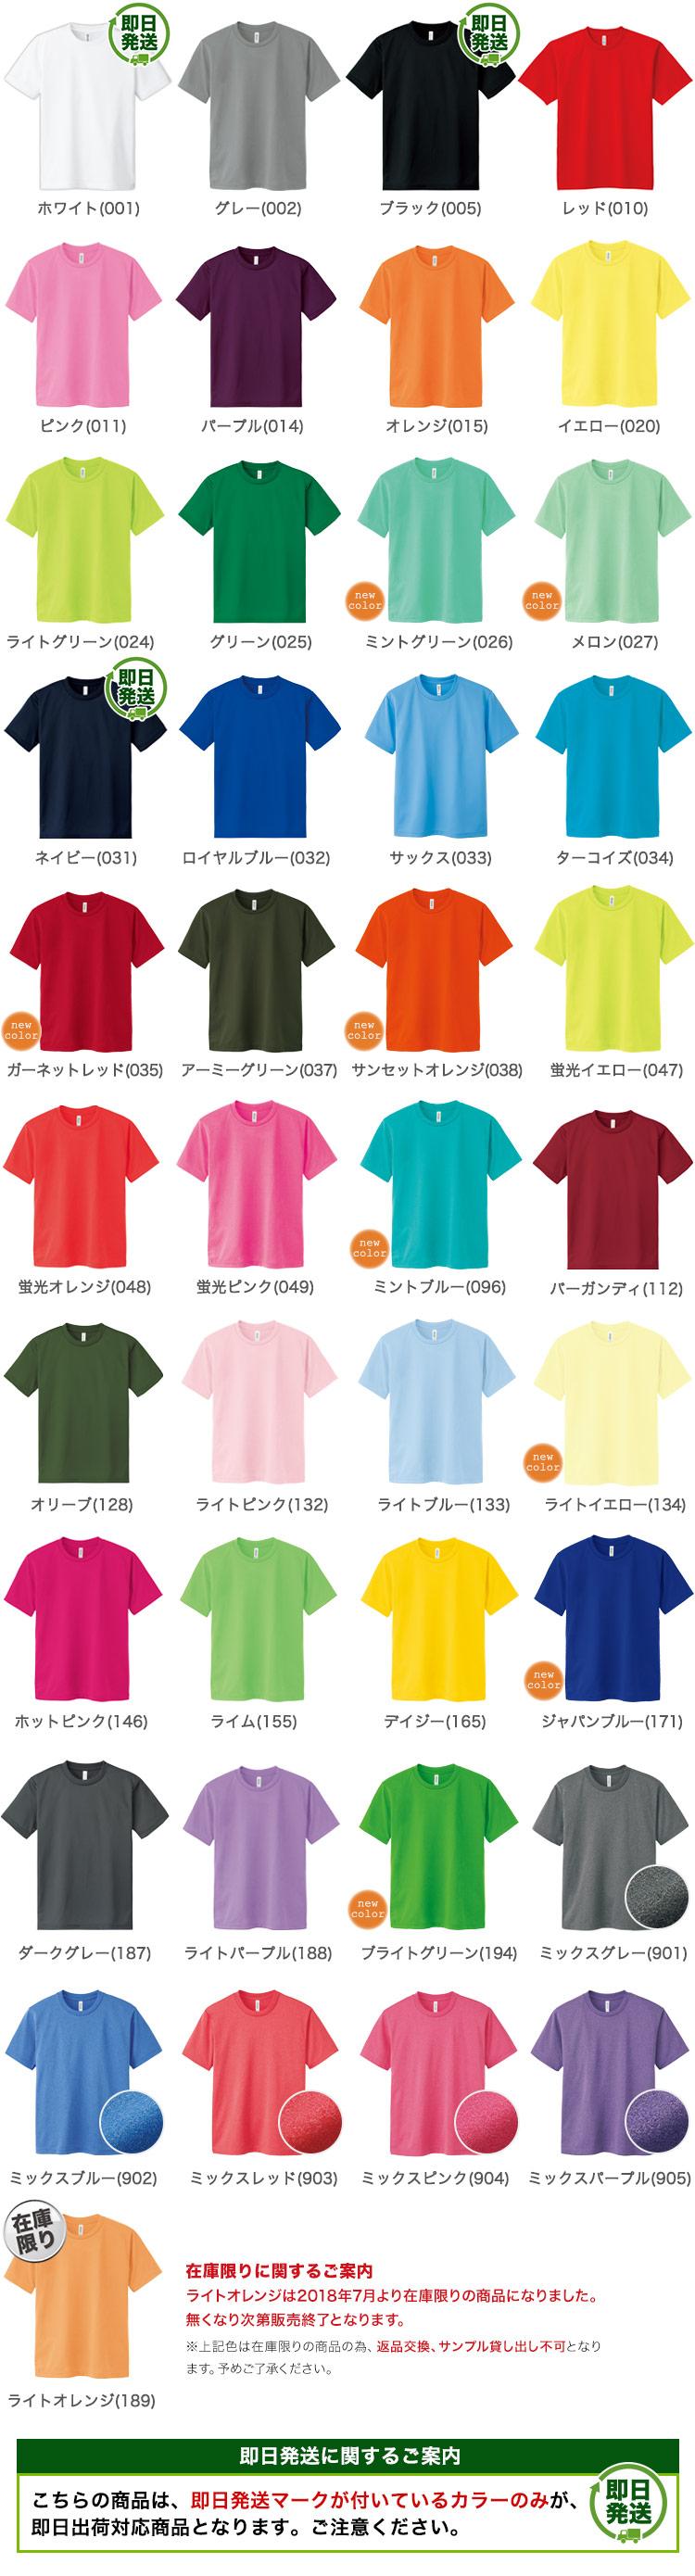 41-00300ACT カラーバリエーション